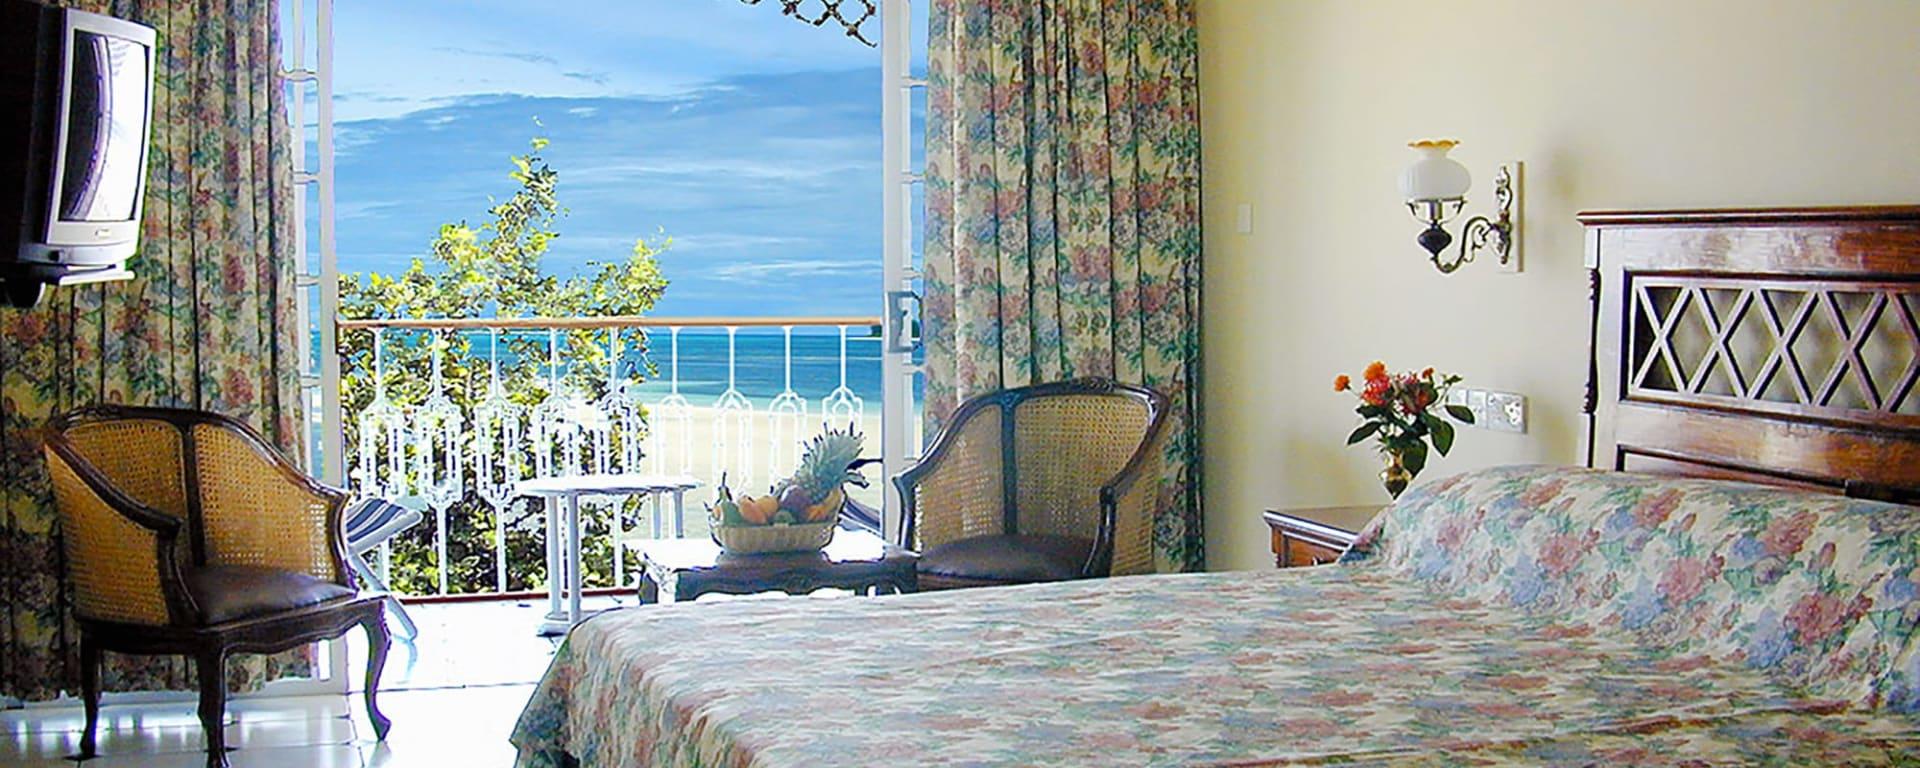 Palm Beach Hotel in Praslin: Seychellen Palm Beach Hotel Wohnbeispiel